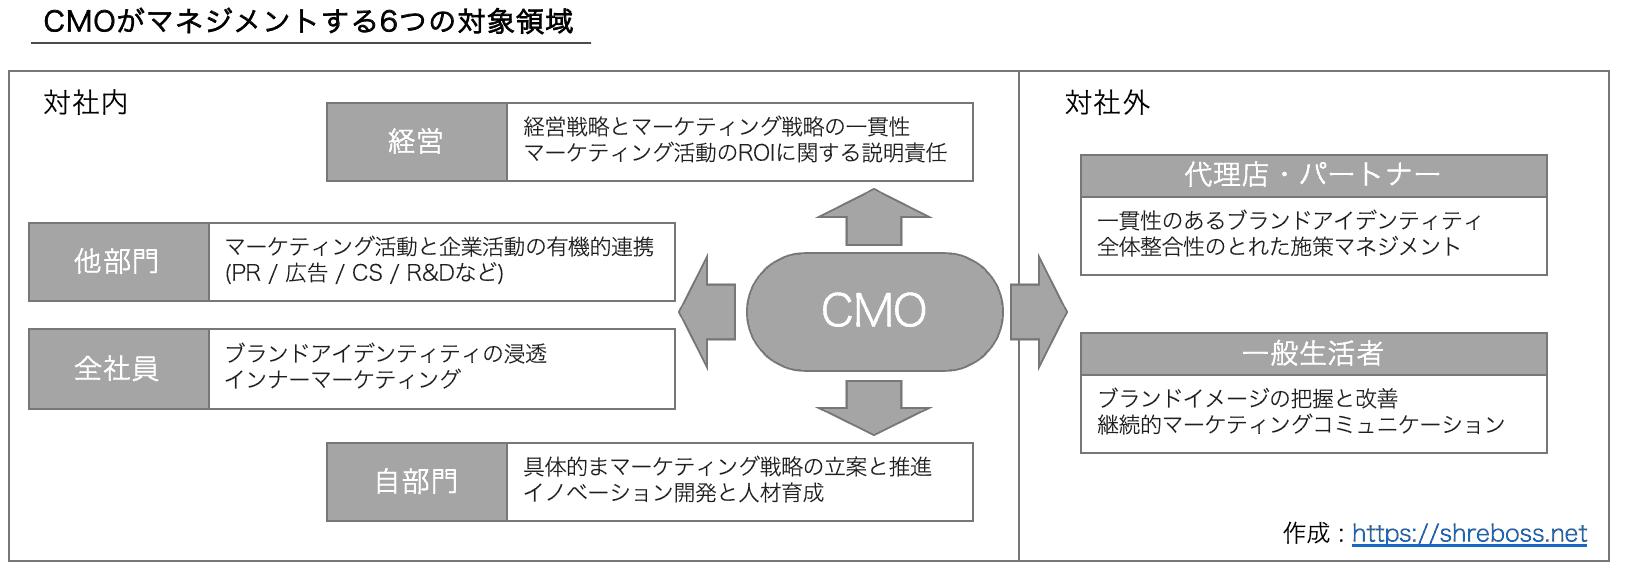 CMOがマネジメントする6つの対象領域